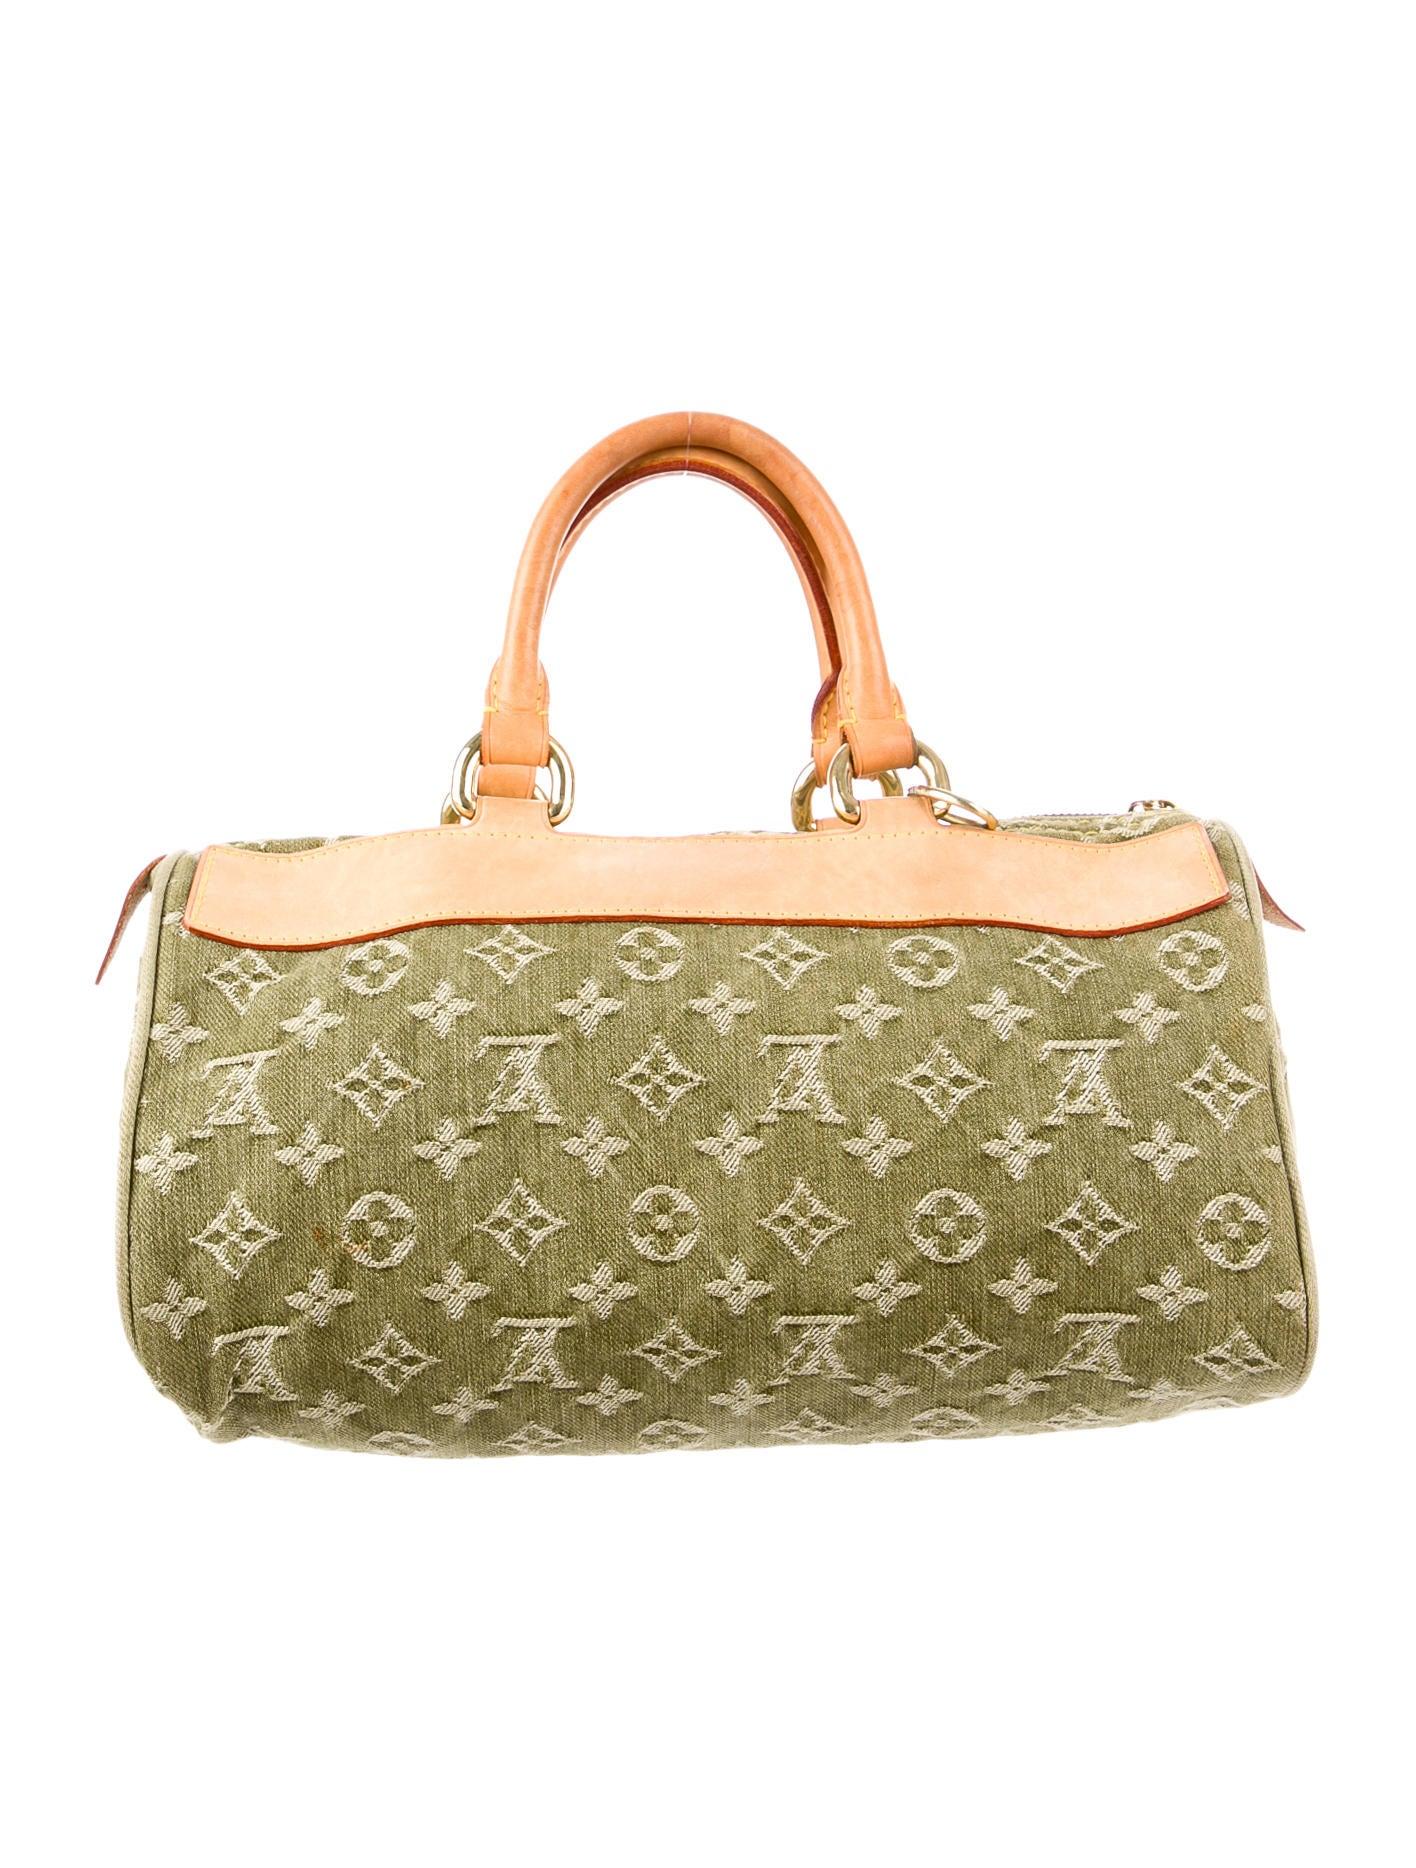 Louis Vuitton Denim Neo Speedy Bag - Handbags - LOU42460 | The RealReal